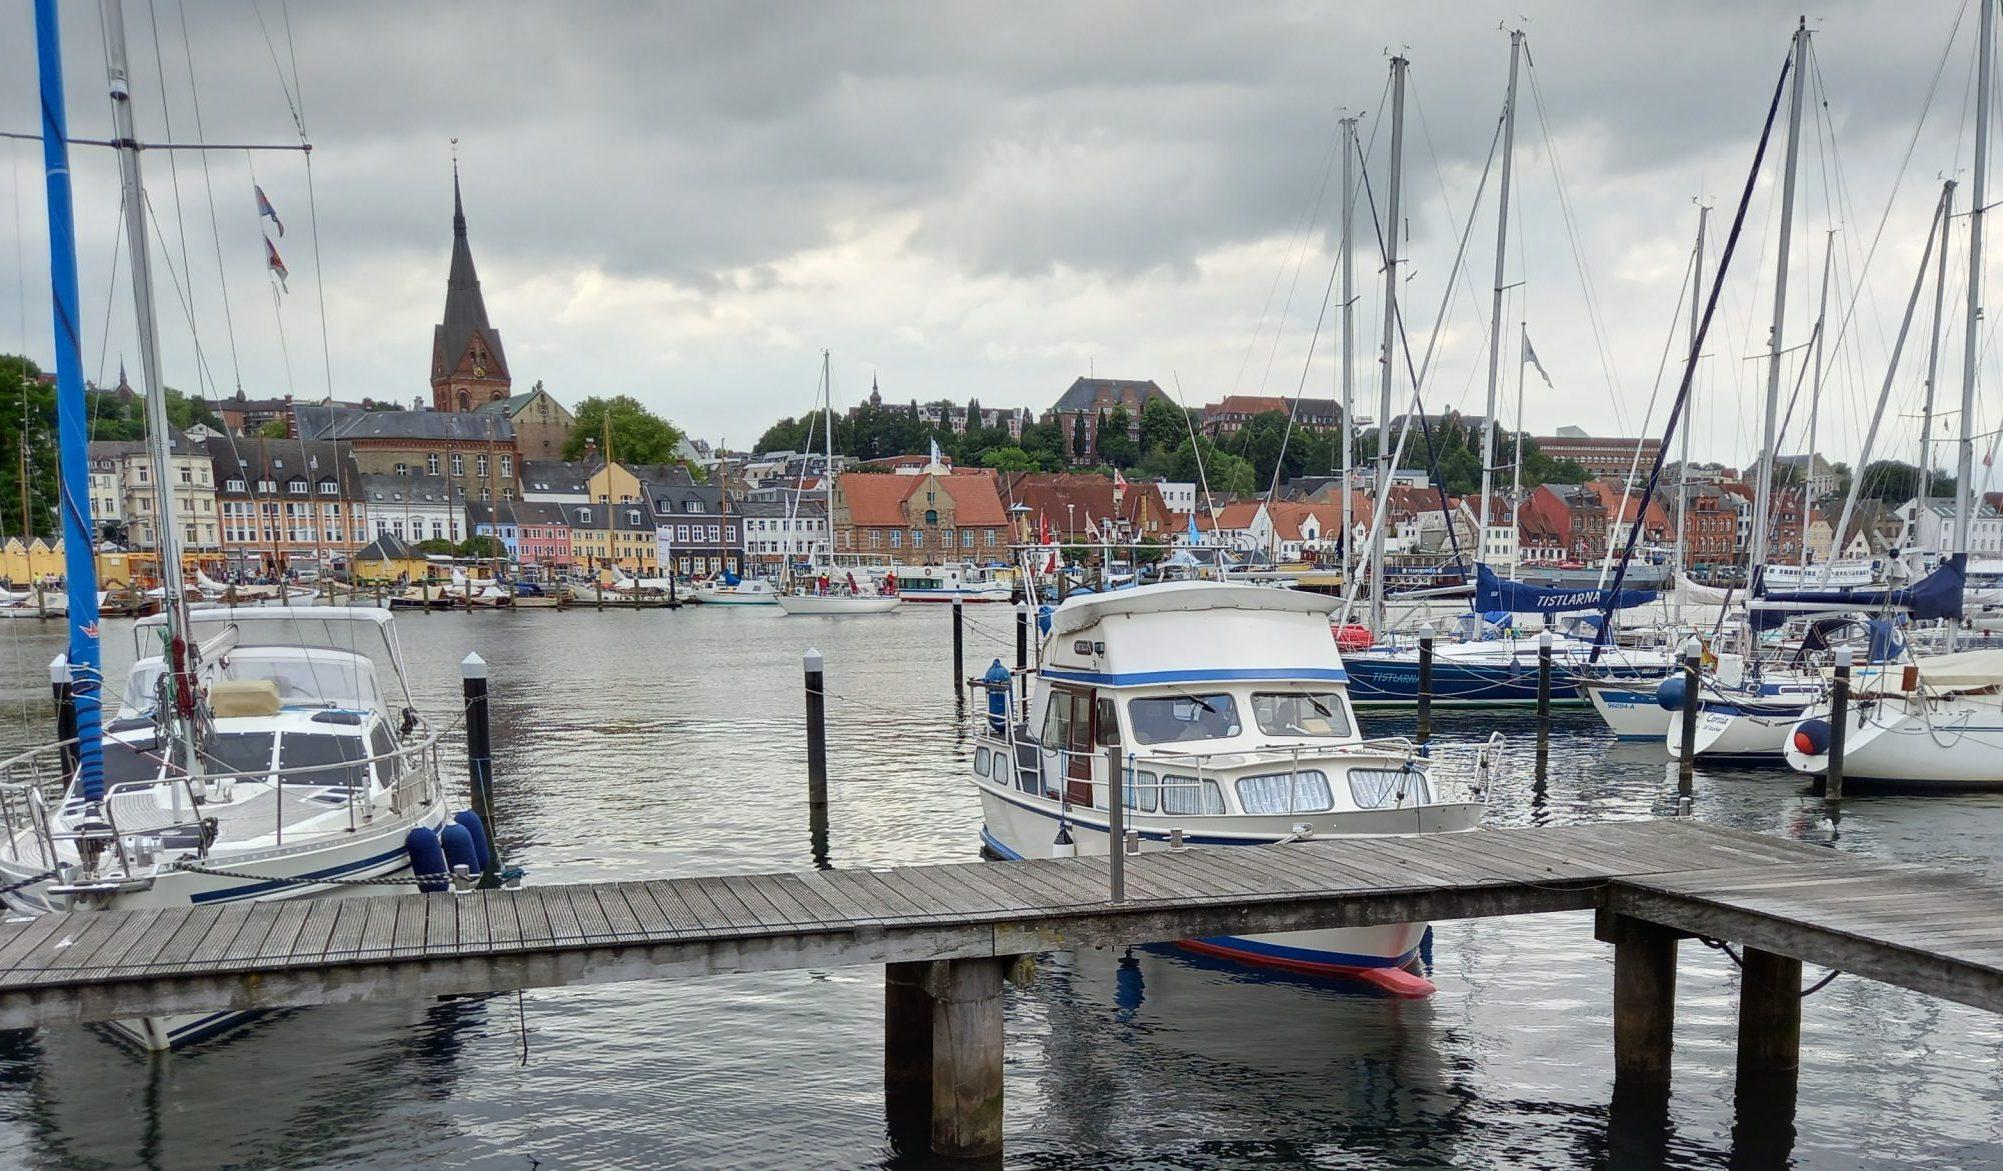 Den charmerende tyske havneby Flensborg, der ligger få kilometer fra den danske grænse, har gennem sommeren været en af de mest søgte overnatningsdestinationer for danskerne, viser tal fra Booking.com. Arkivfoto: Henrik Baumgarten.